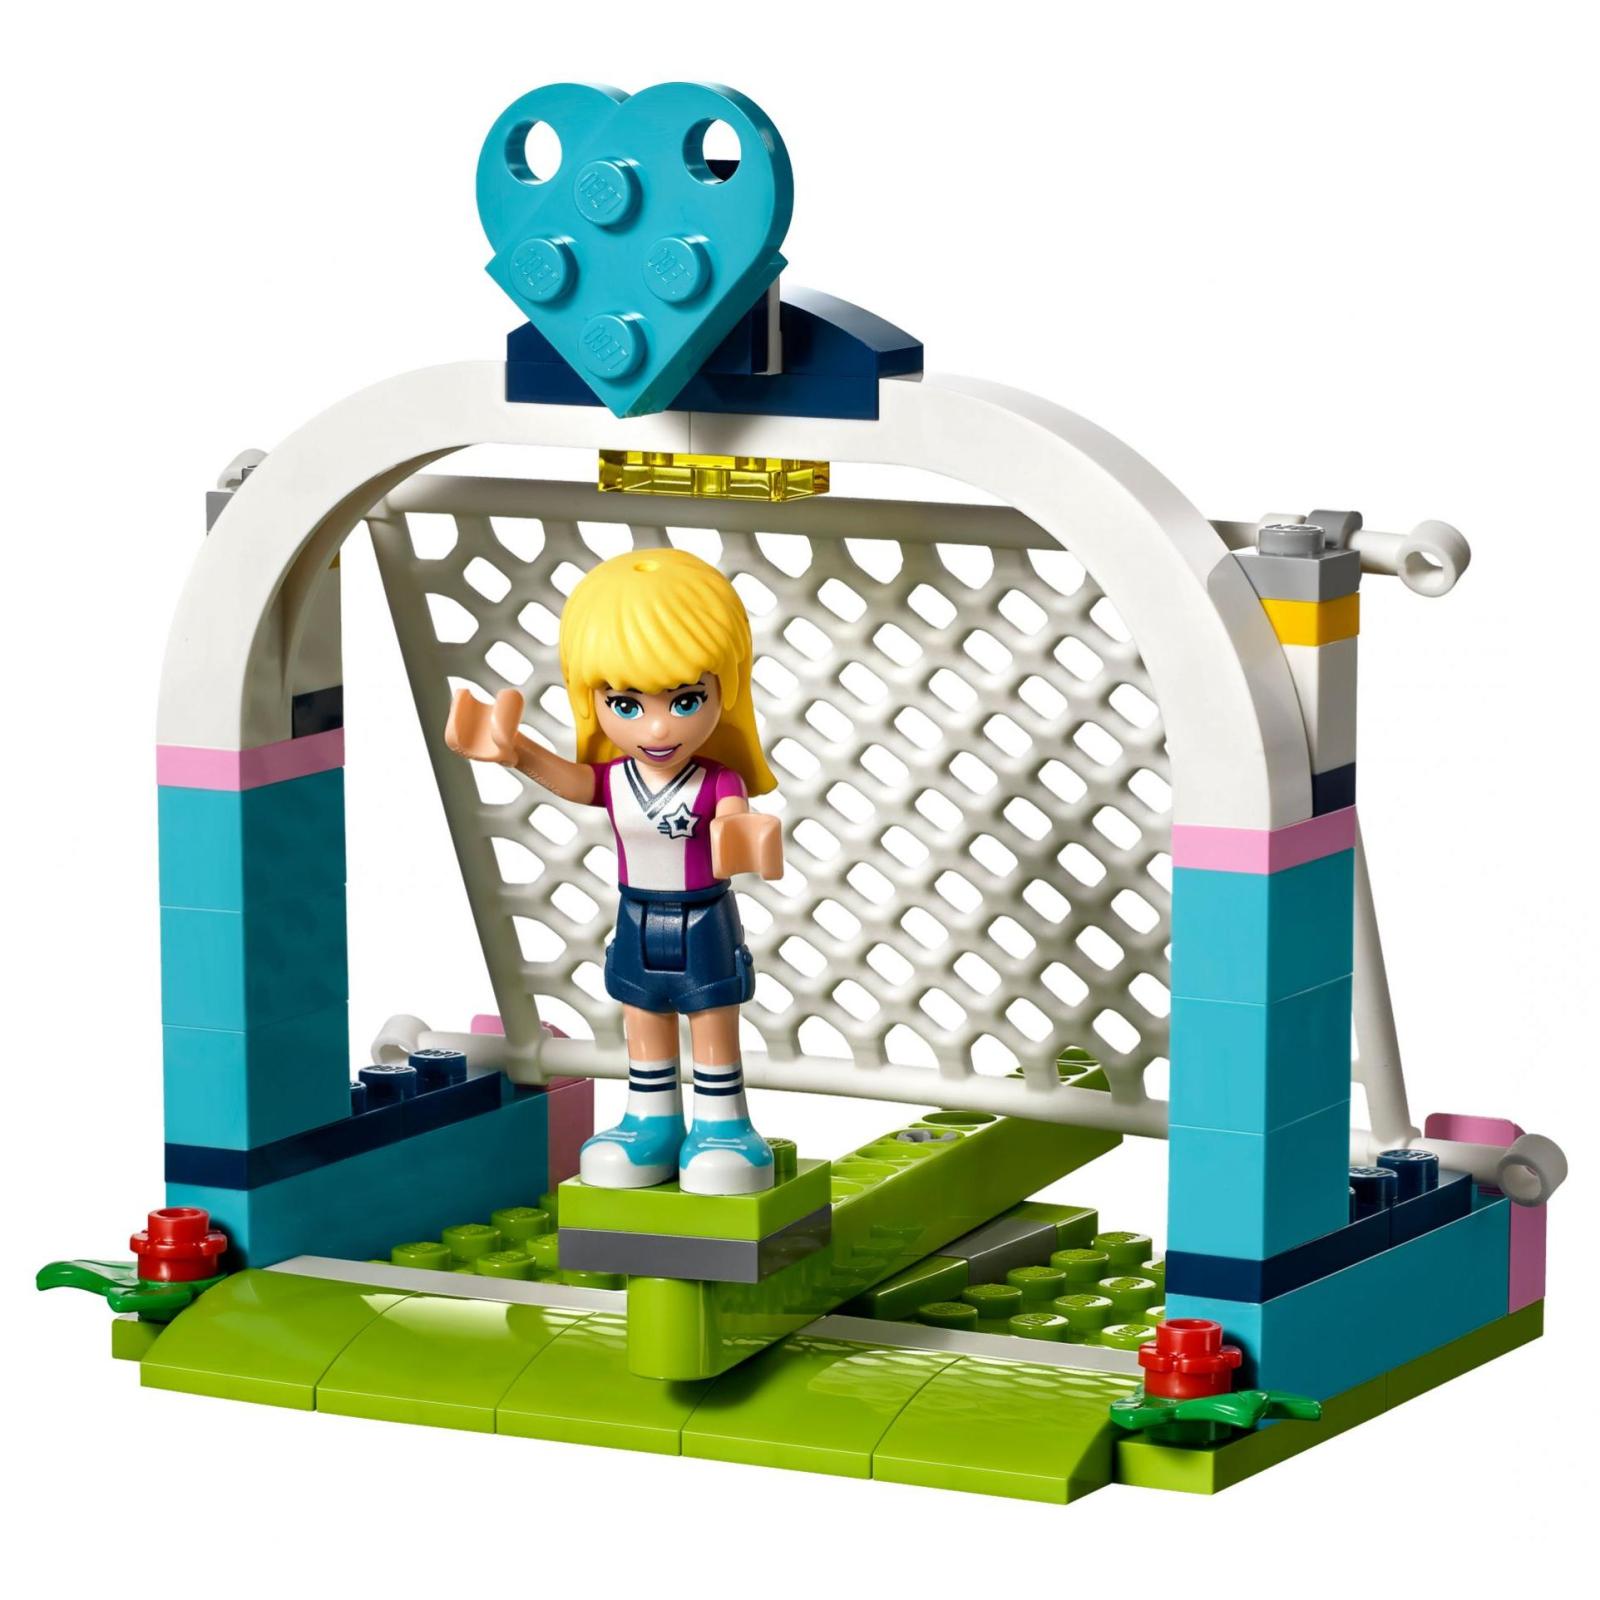 Конструктор LEGO Friends Футбольная тренировка Стефани (41330) изображение 3